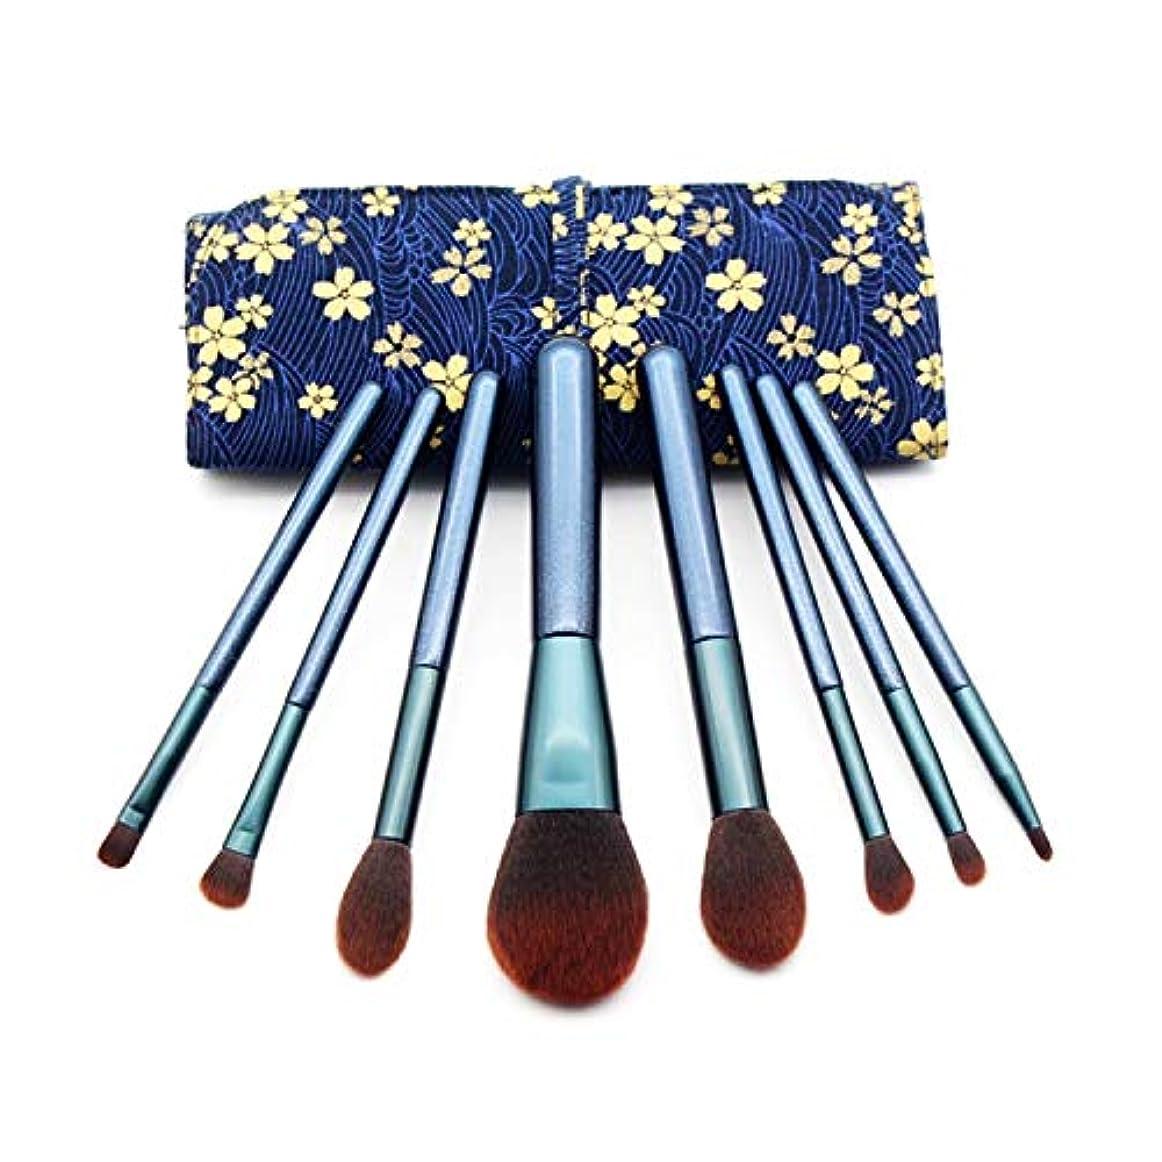 怪物カフェ懺悔Mosj 8-in-1化粧筆、木のハンドルが付いている多機能の化粧筆